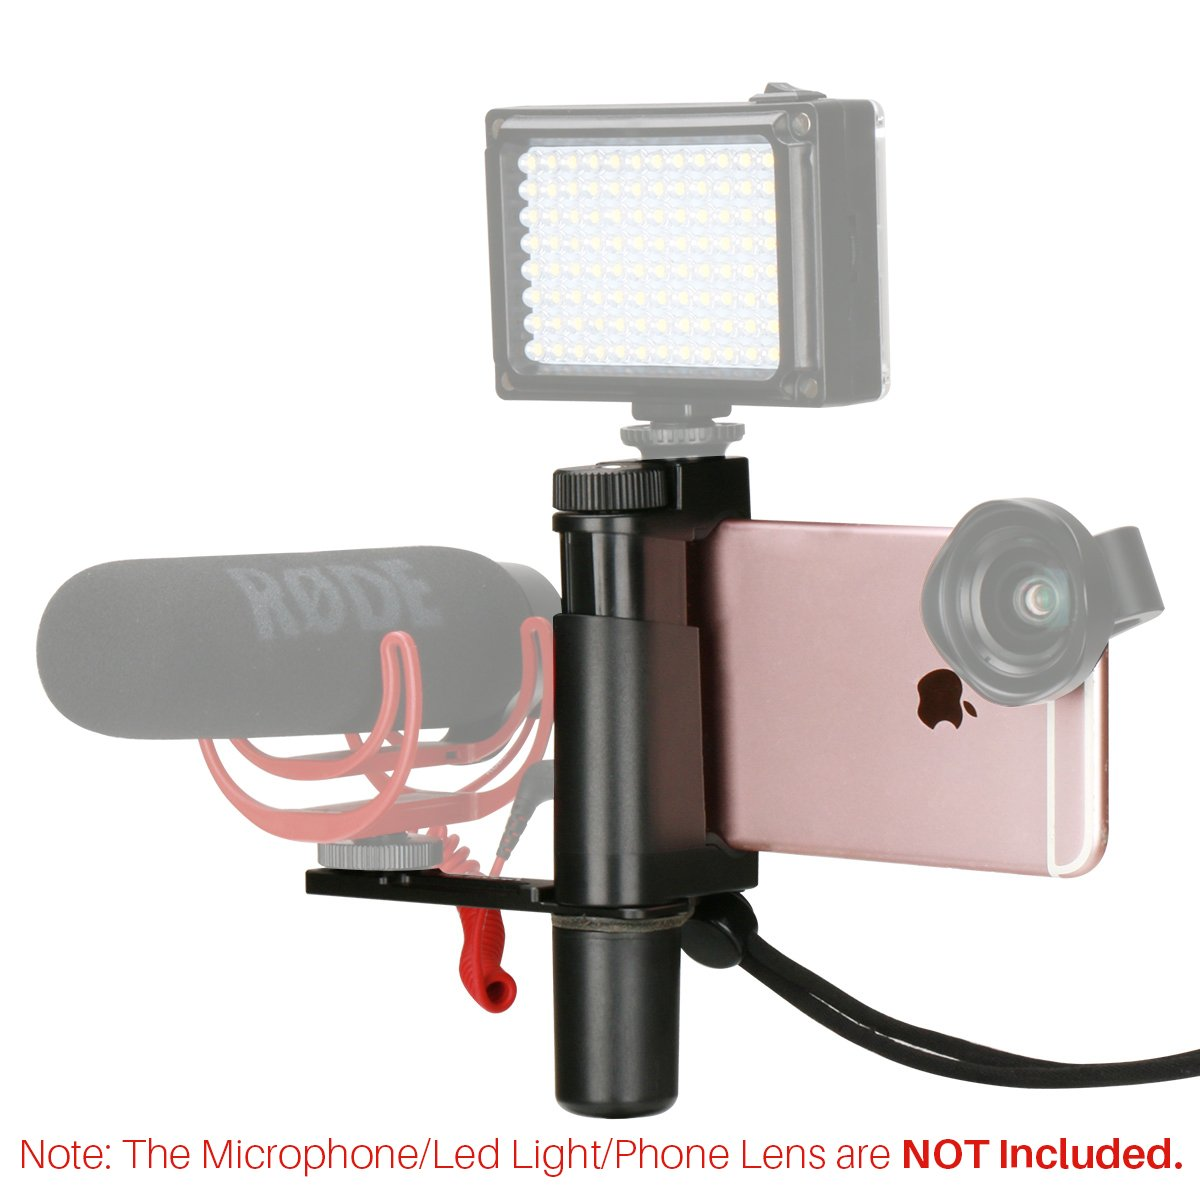 Buy Ulanzi Phone Video Stabilizer Handheld Smartphone Video